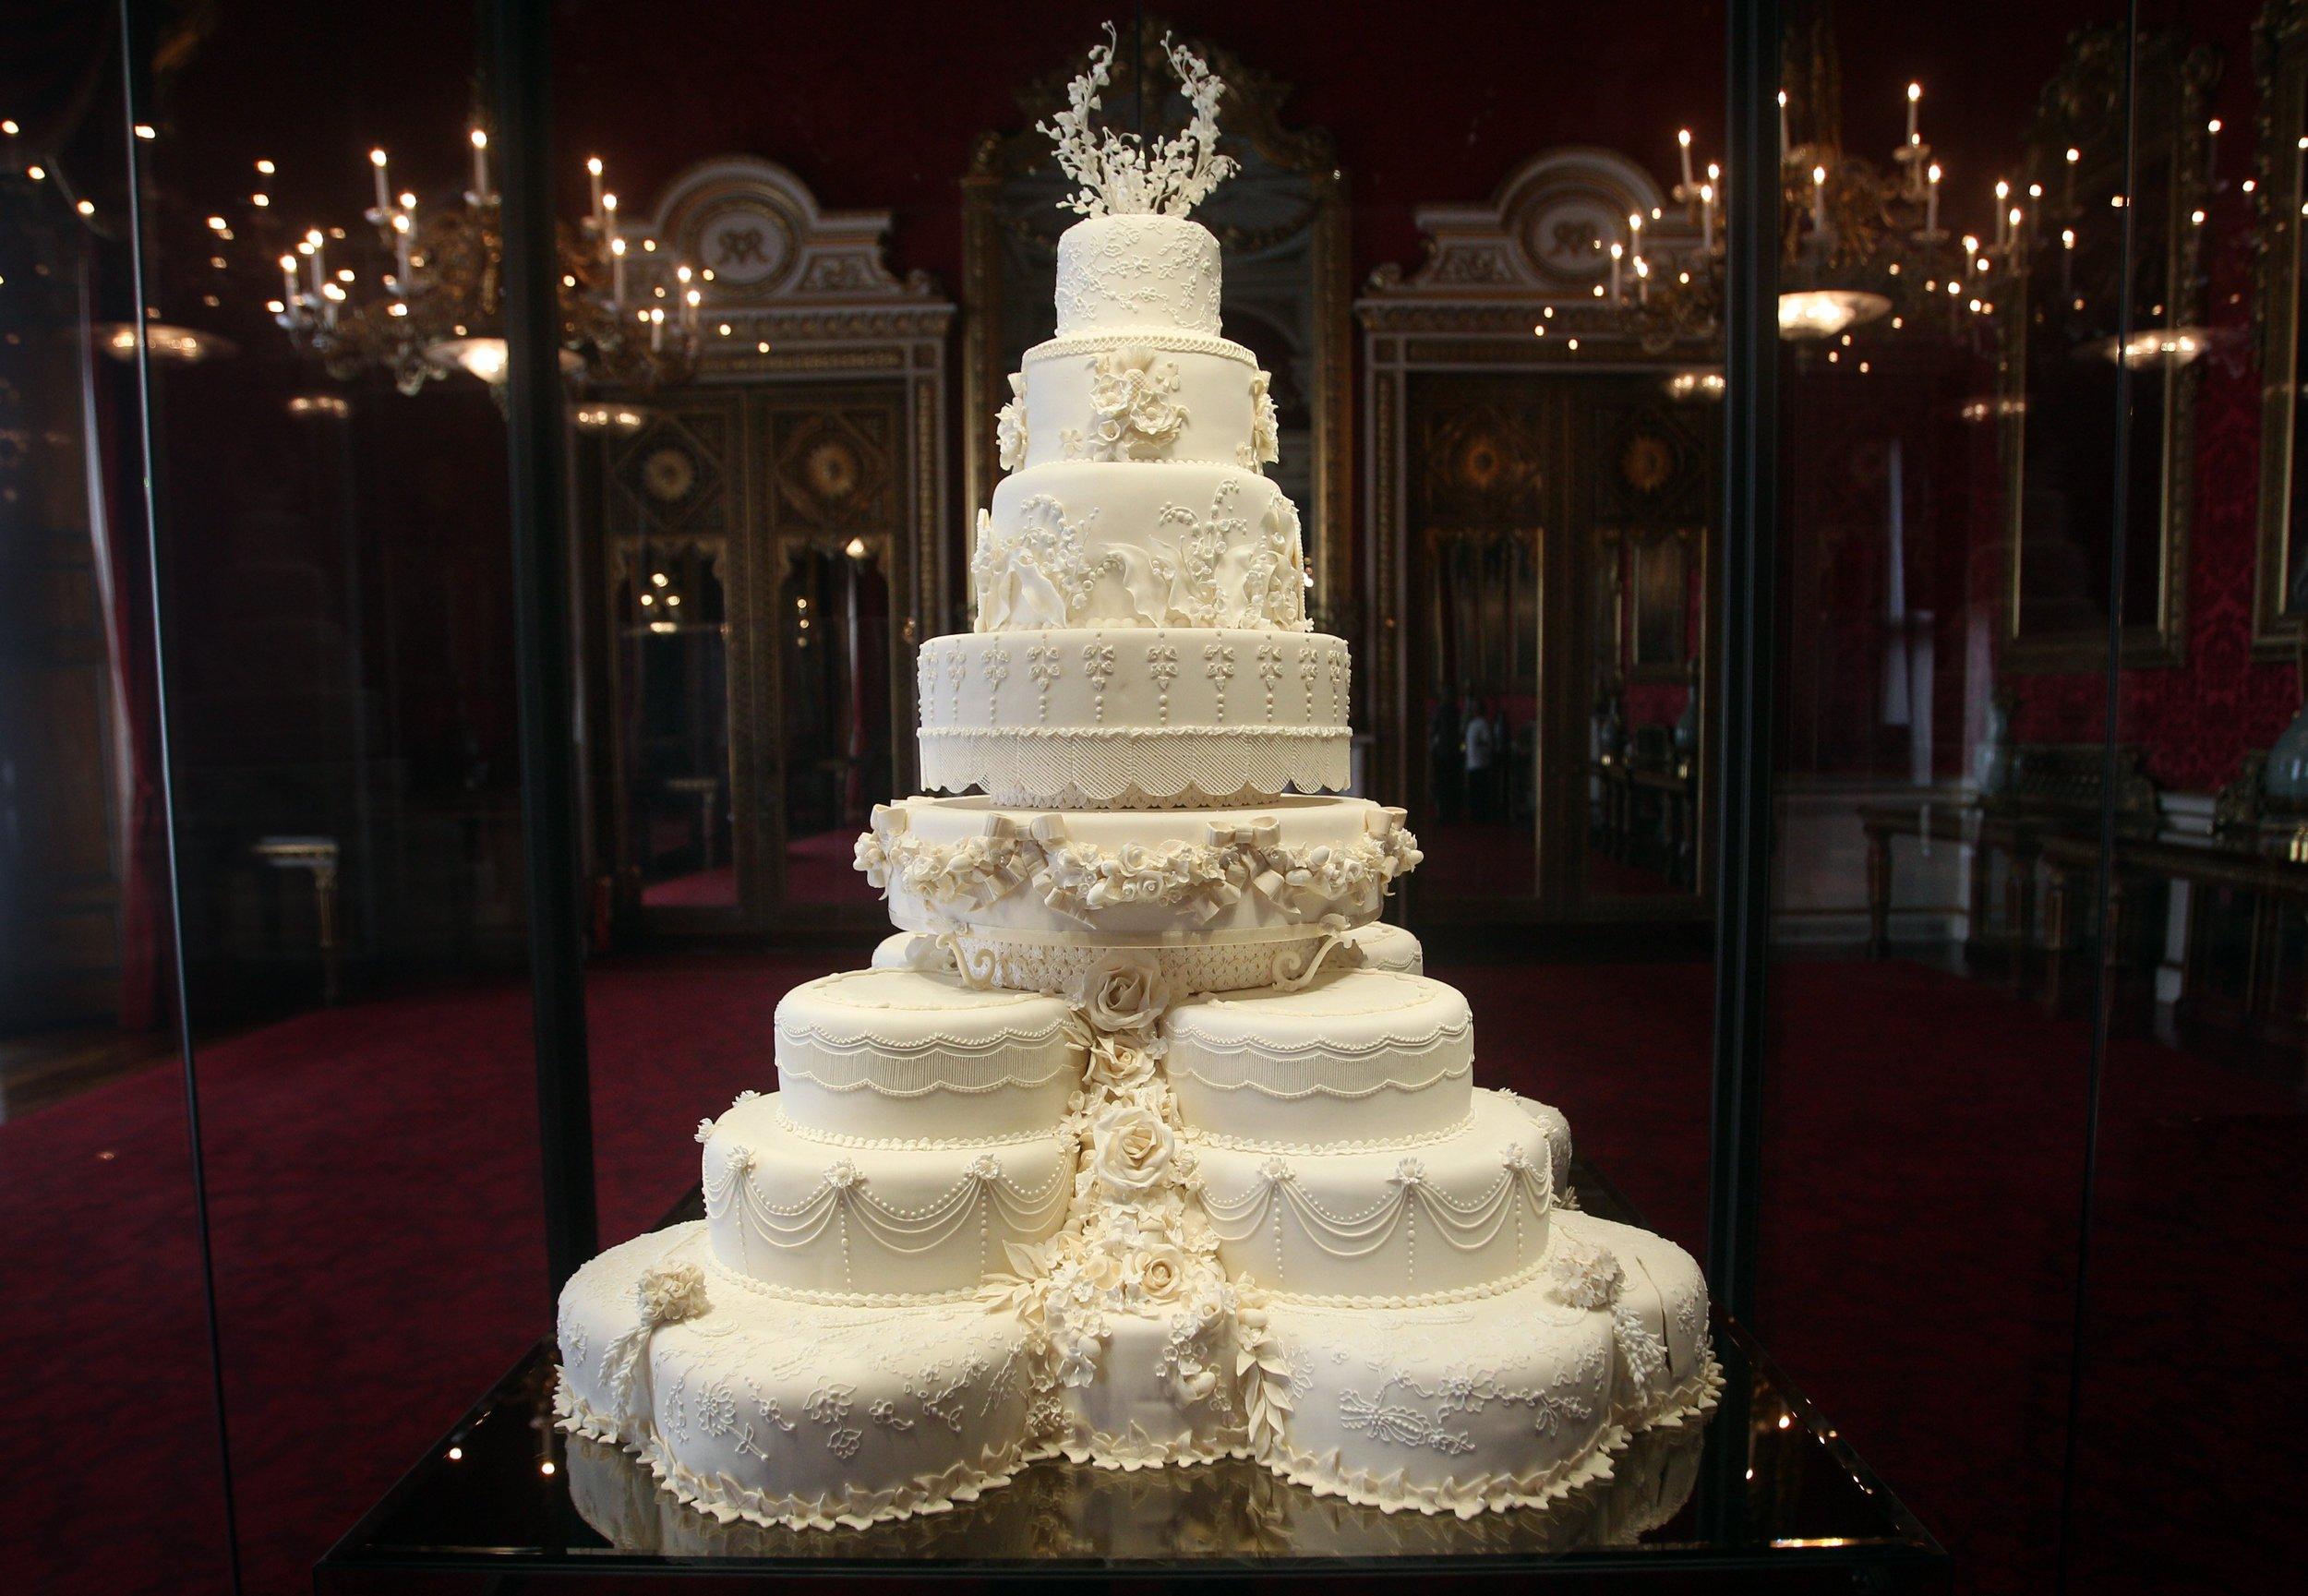 bolo-de-casamento-kate-middleton-principe-william.jpg